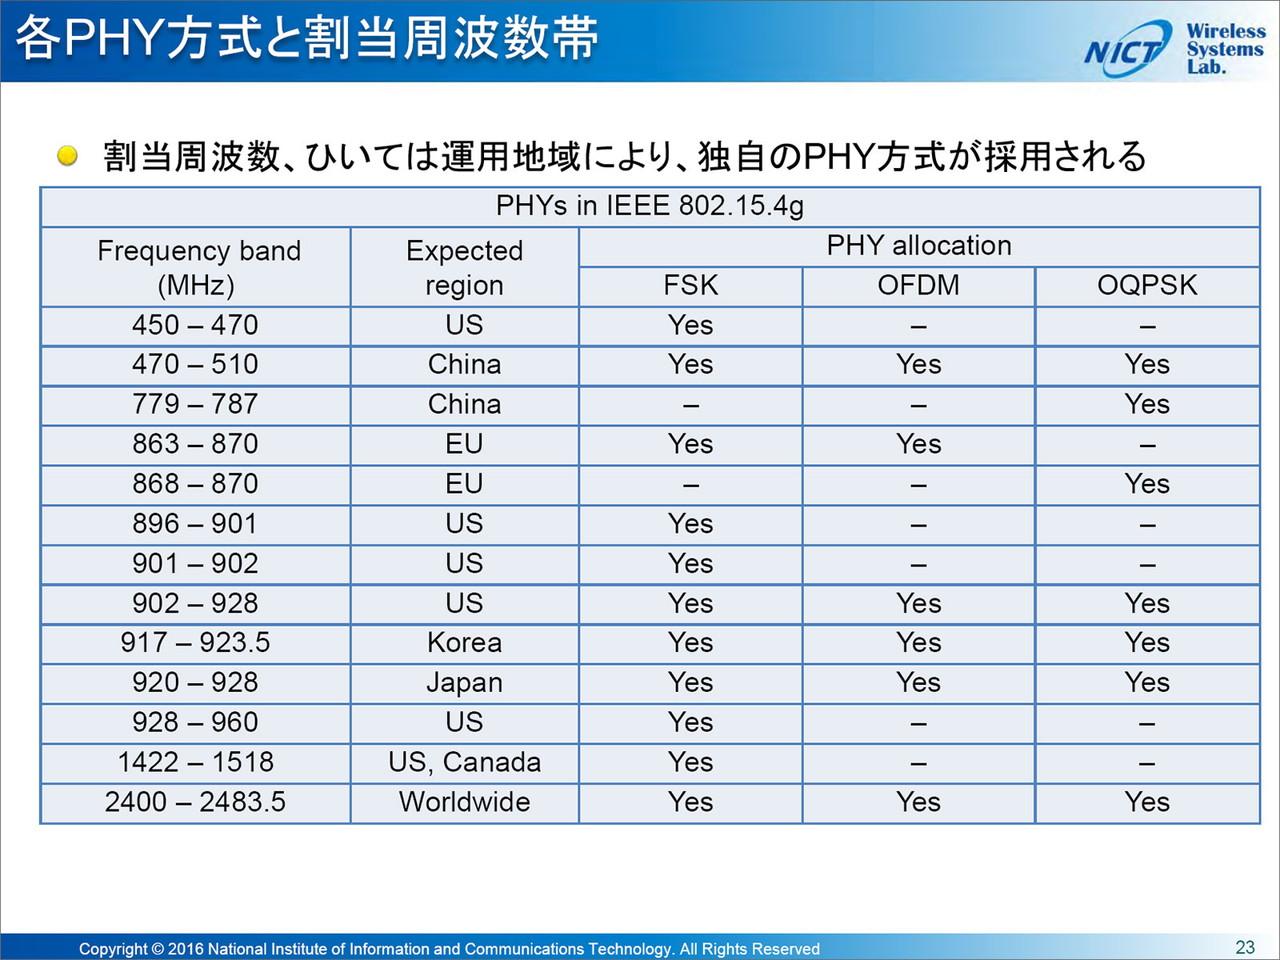 """世界各国における周波数帯の割り当て一覧。中国やアメリカでは400MHz帯が利用できるので、相当到達距離が伸びそうだ。出典はNICT児島史秀氏""""<a href=""""http://www.soumu.go.jp/main_content/000454146.pdf"""" class=""""strong bn"""" target=""""_blank"""">NICTにおけるWi-SUN多様化のための取組み</a>""""(PDF)"""